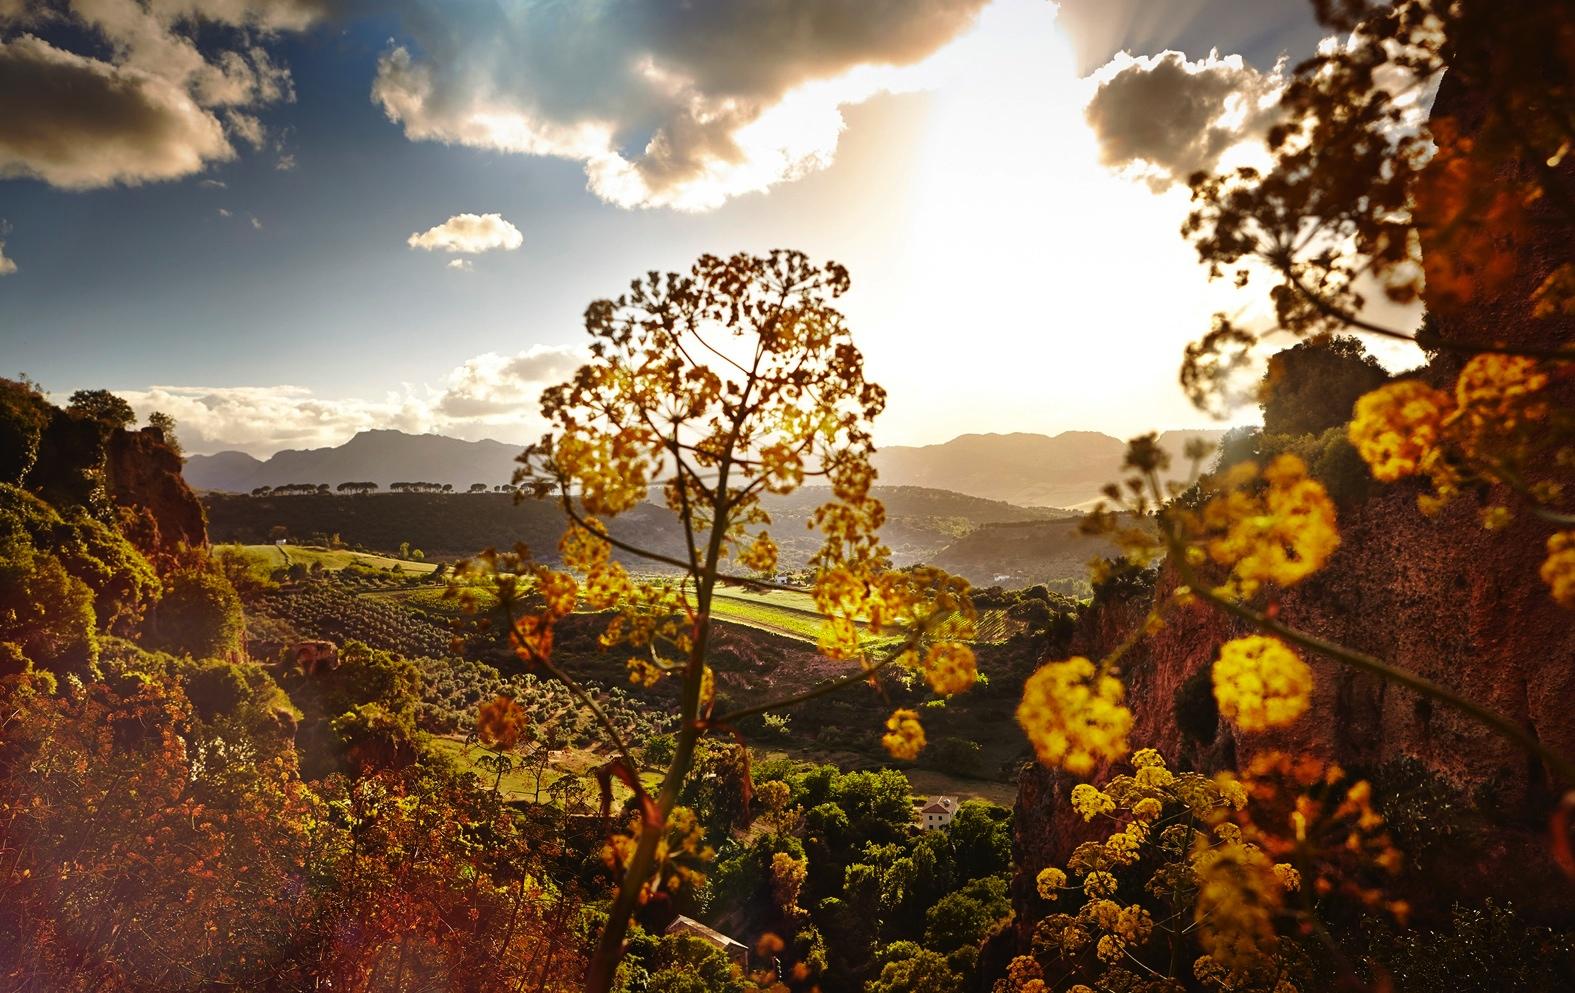 SuddelaFrance_Travels_©PepAvila 380.jpg